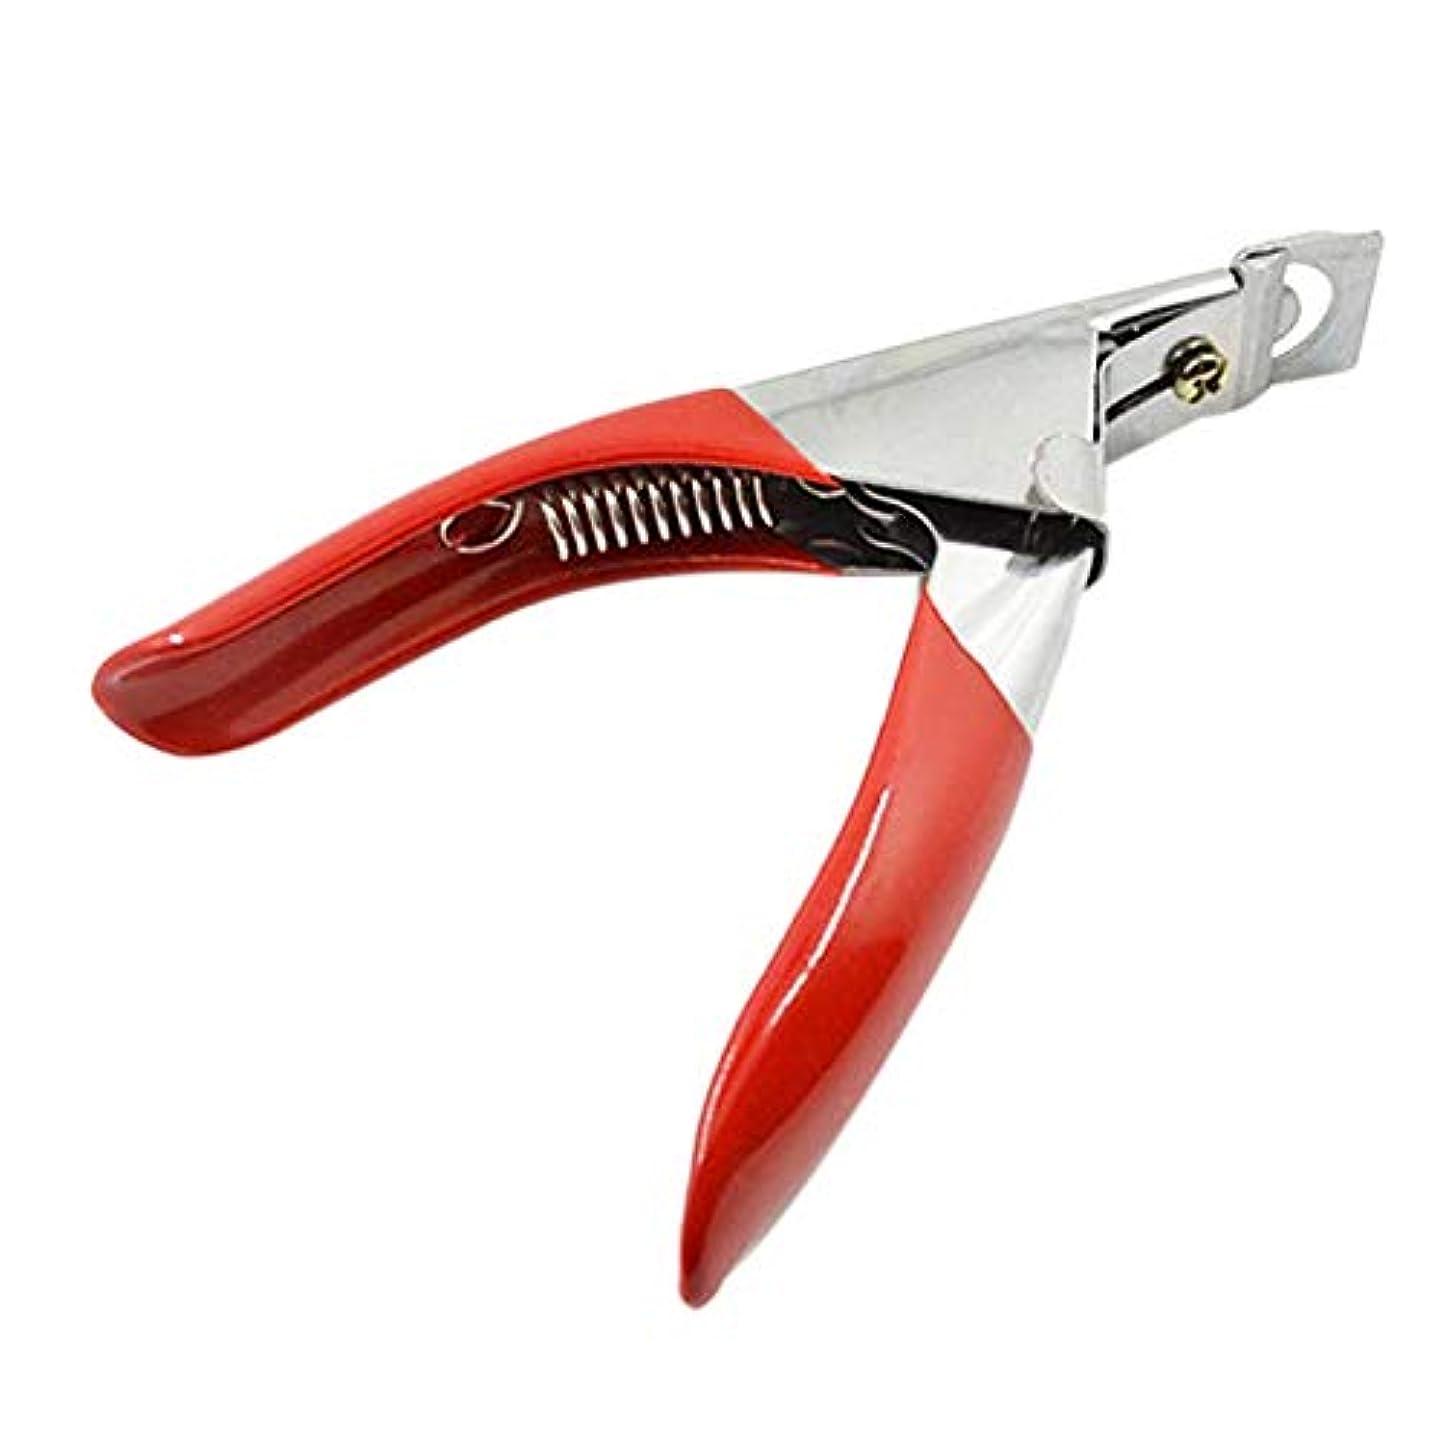 引き算違反する感謝するCUHAWUDBA マニキュア、ネイルのはさみ、カット、フランス語の言葉、偽爪のはさみ、カット用マニキュアのツール